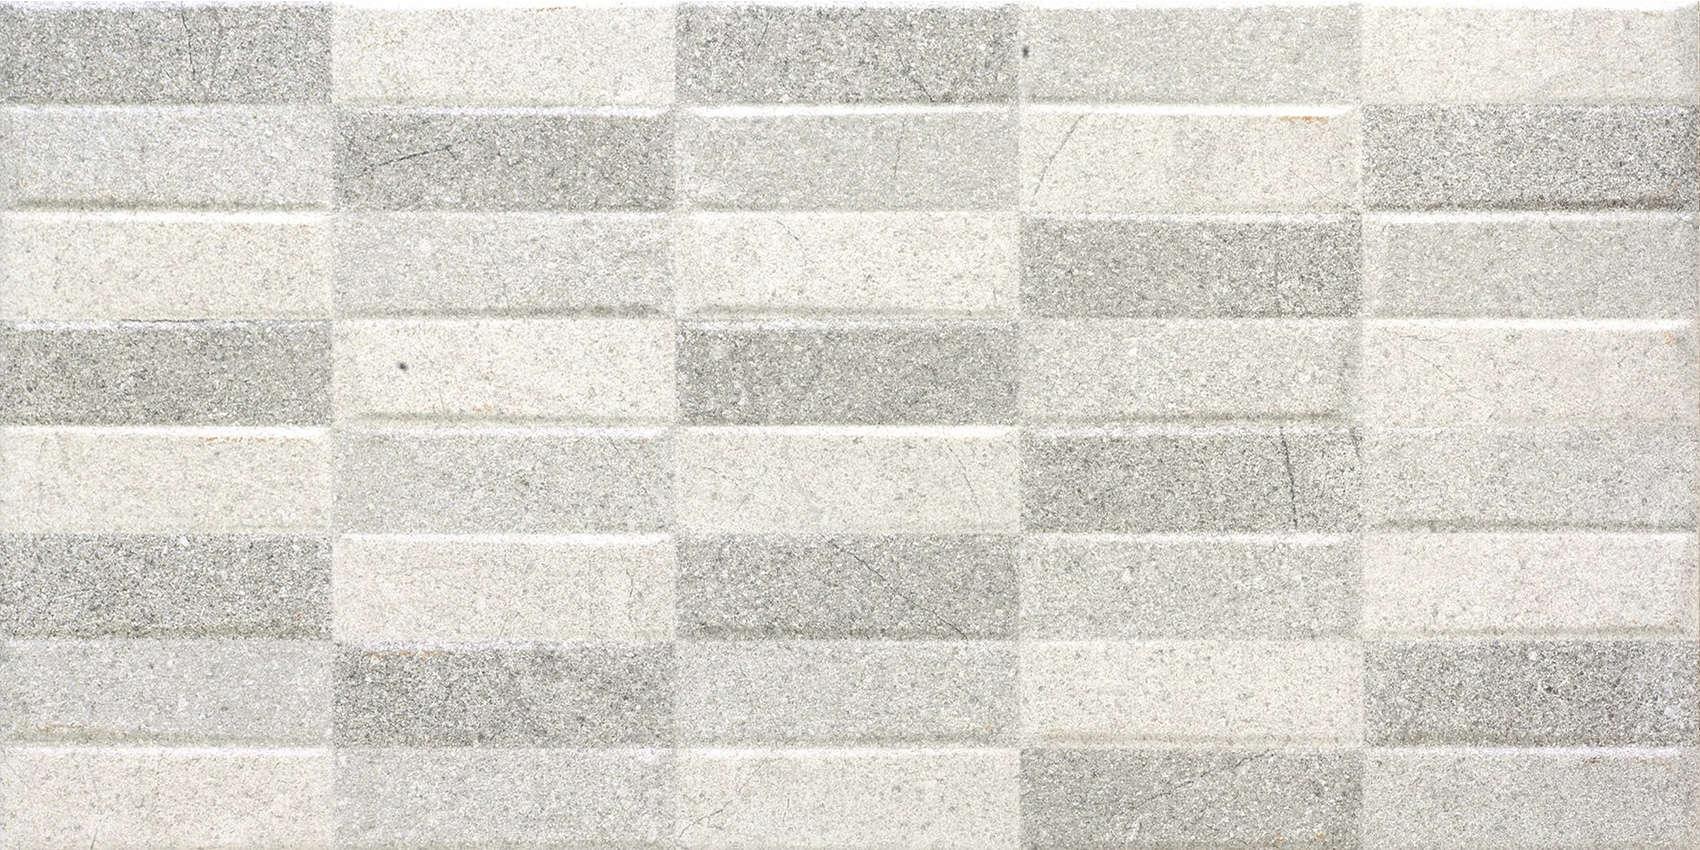 Faianță pentru baie Benadresa Crowne Rotin Perla 316x632 texturată și mată gri / 7